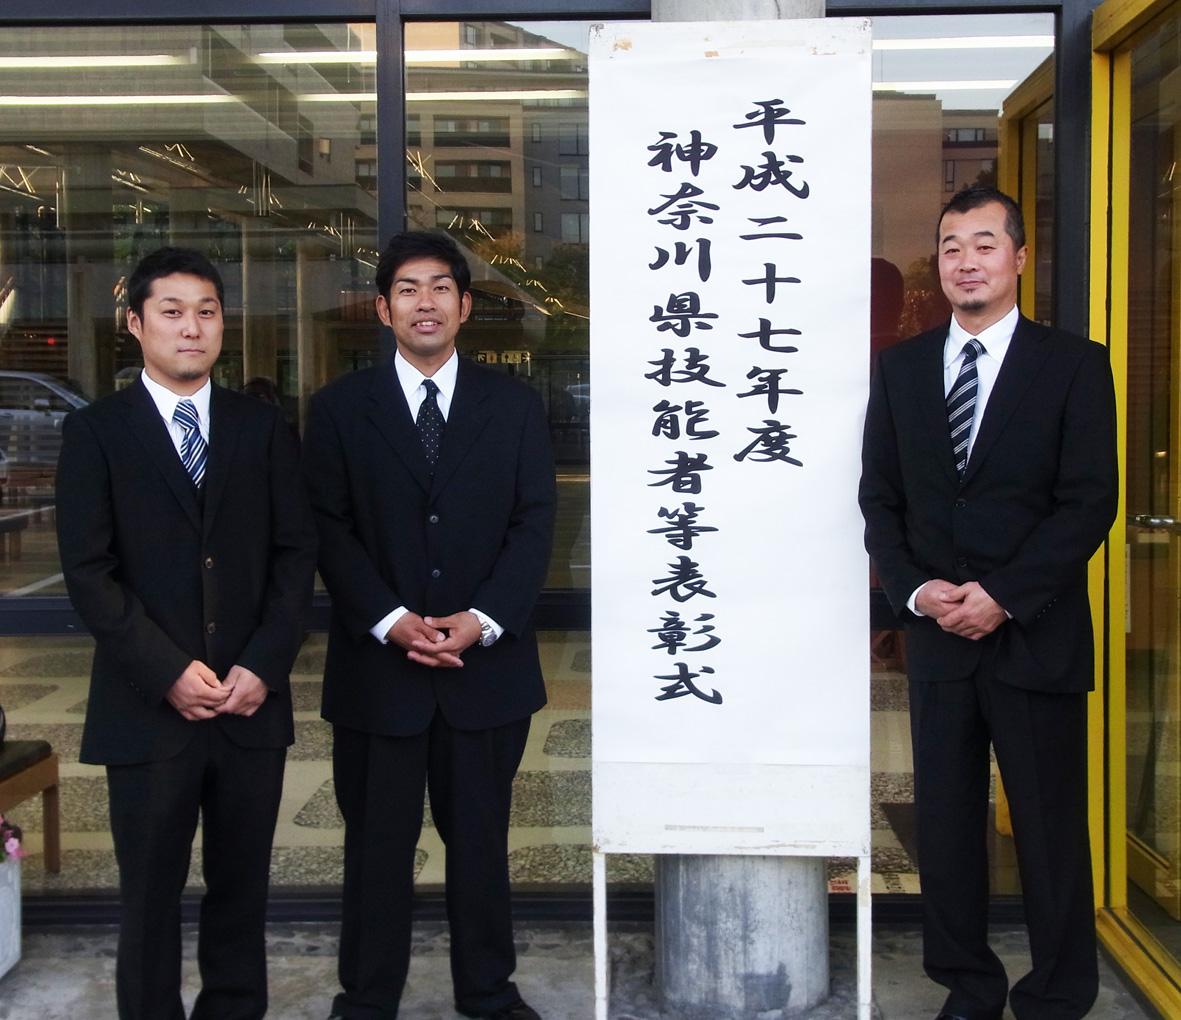 神奈川技能者表彰